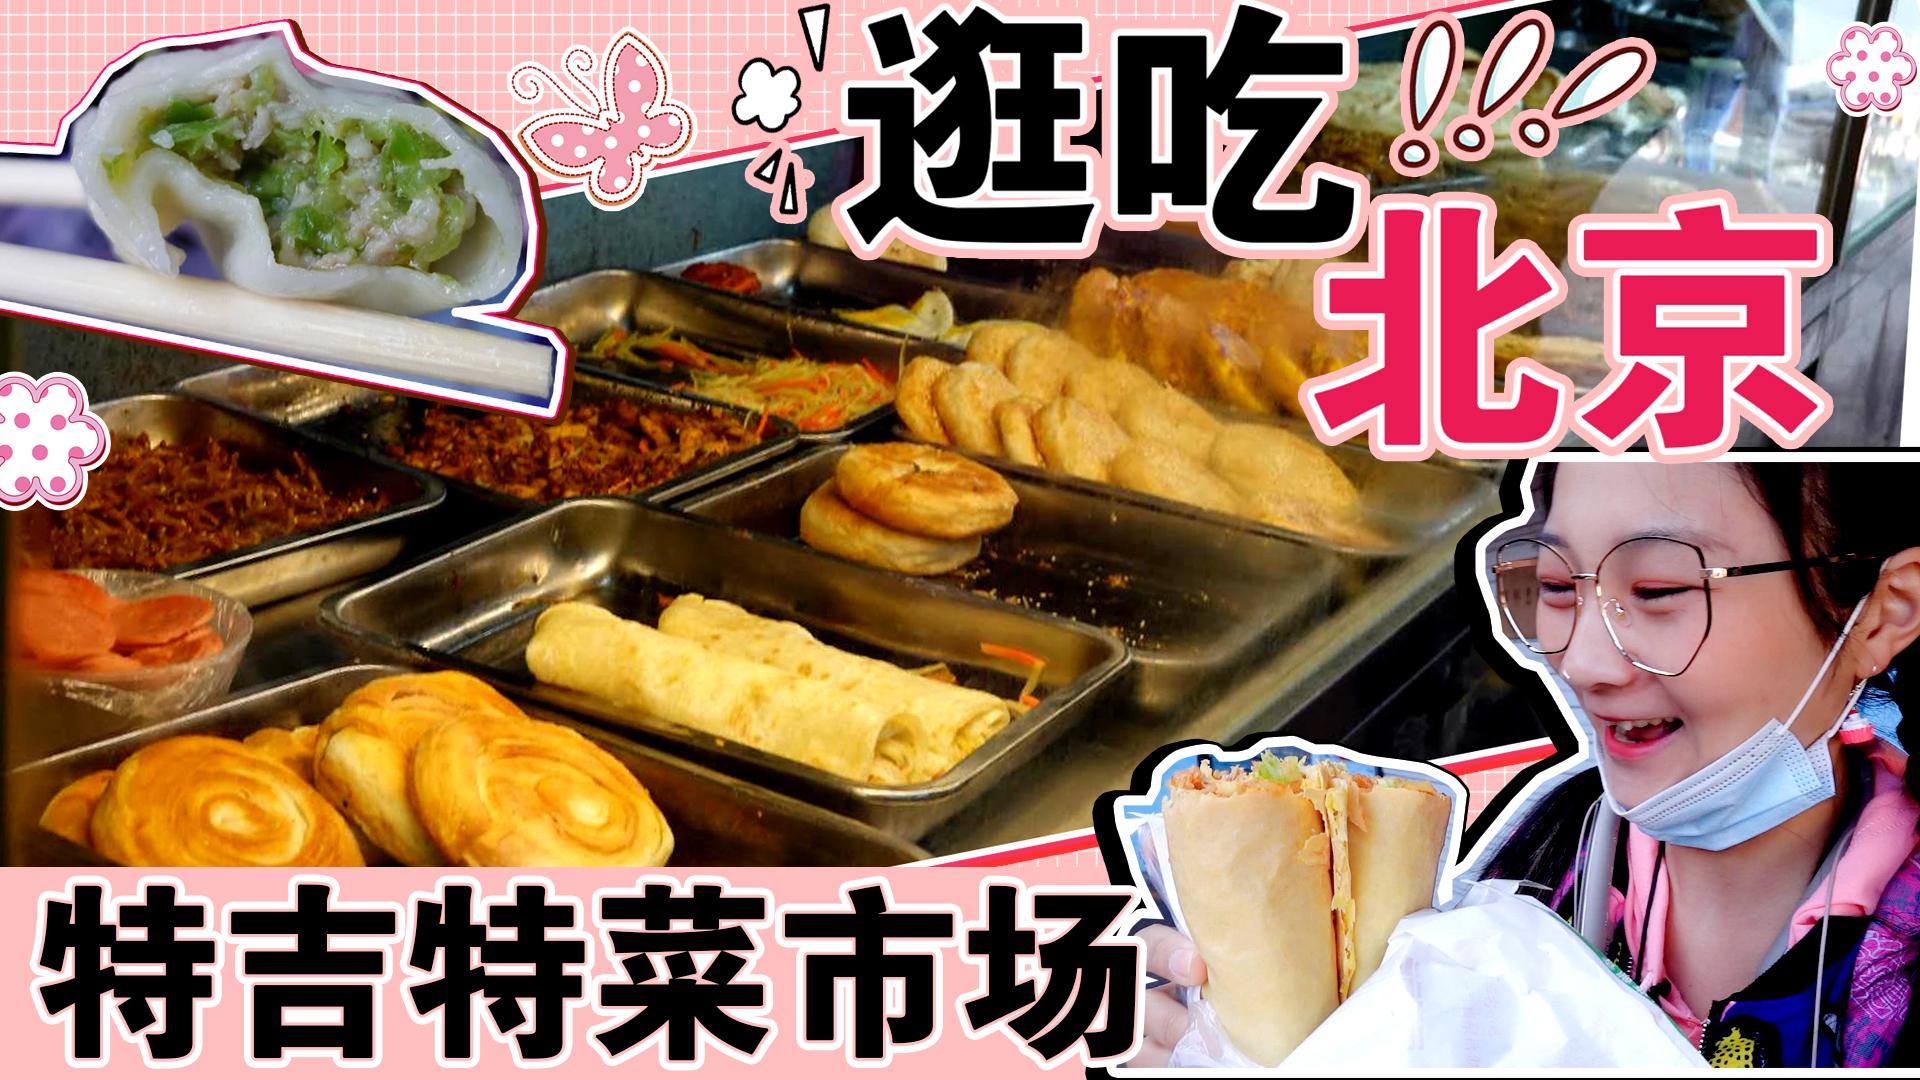 【逛吃北京】广渠门特吉特菜市场吃早餐,煎饼饺子豆腐脑一应俱全